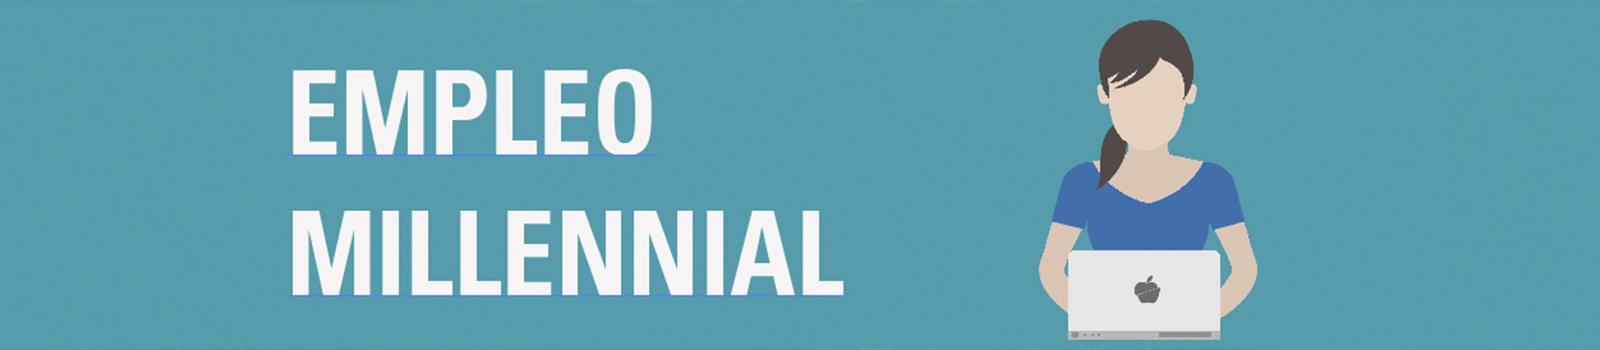 empleo millennial